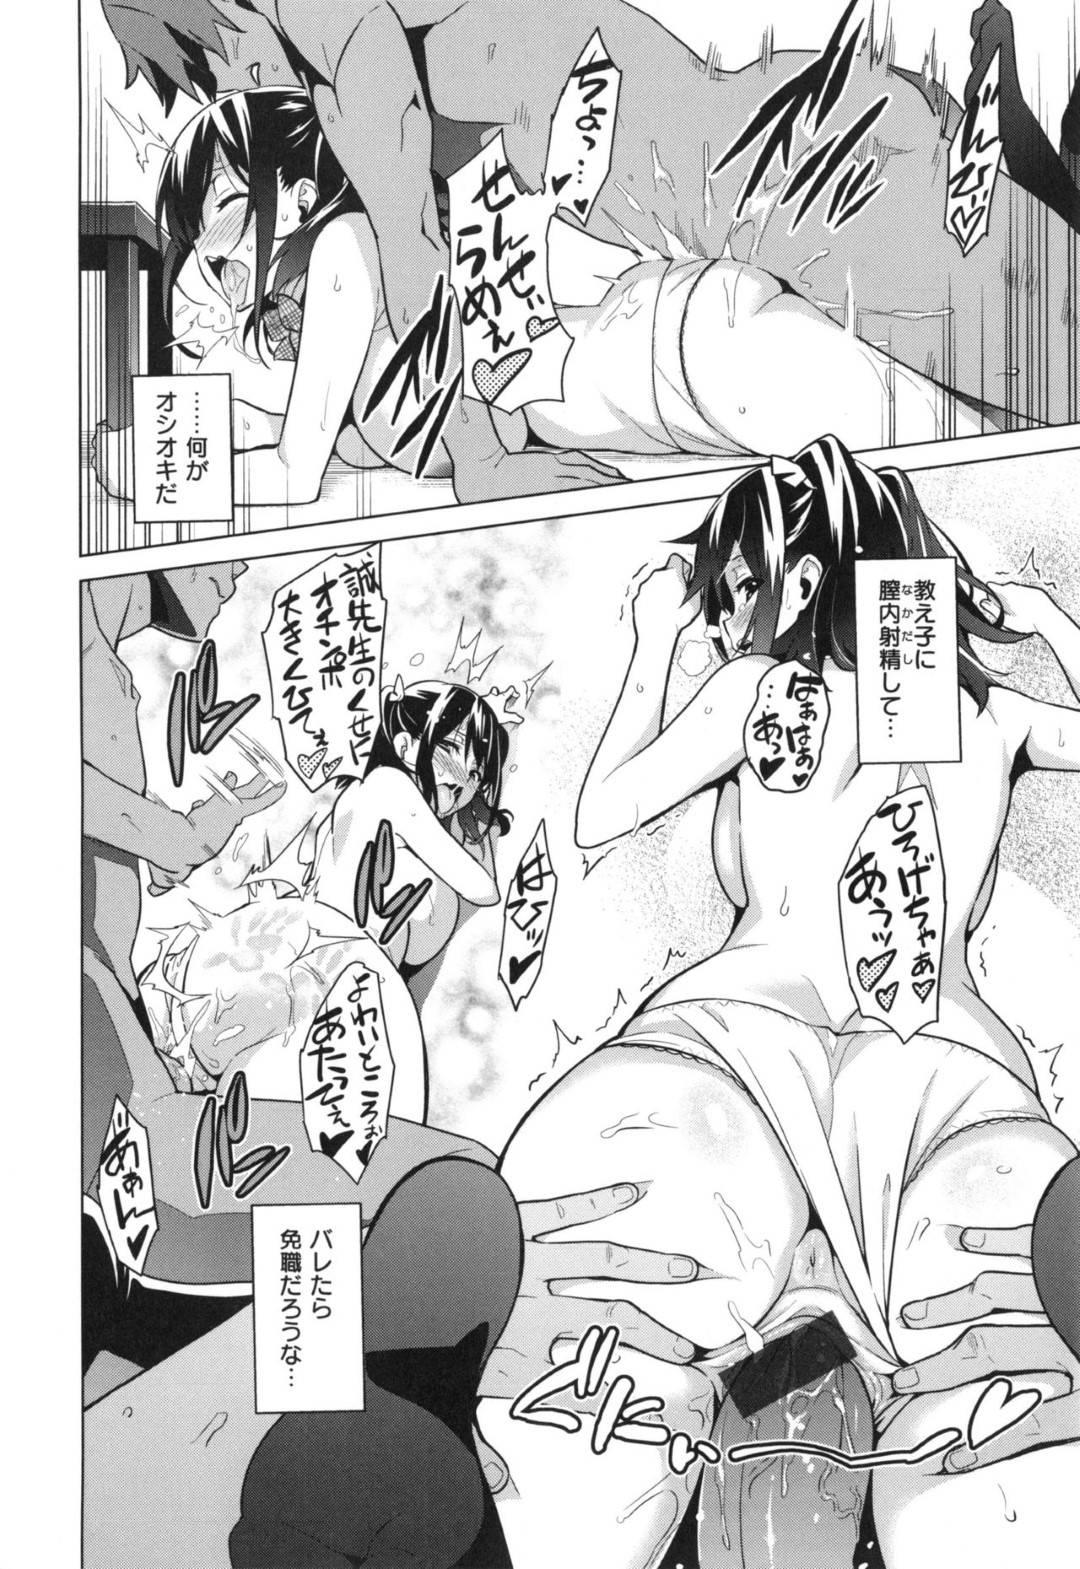 【エロ漫画】学校の教師に援交予定の手帳を見られて教師の弱みをセックスで作る巨乳JK…教師の顔を股間に押し当てるとクンニされ絶頂してしまい、足コキで抜いてパンツコキしているとセックスしたくなって生挿入連続中出しセックスで快楽堕ちする!【武田弘光:アクマで彼女はボクの天使】